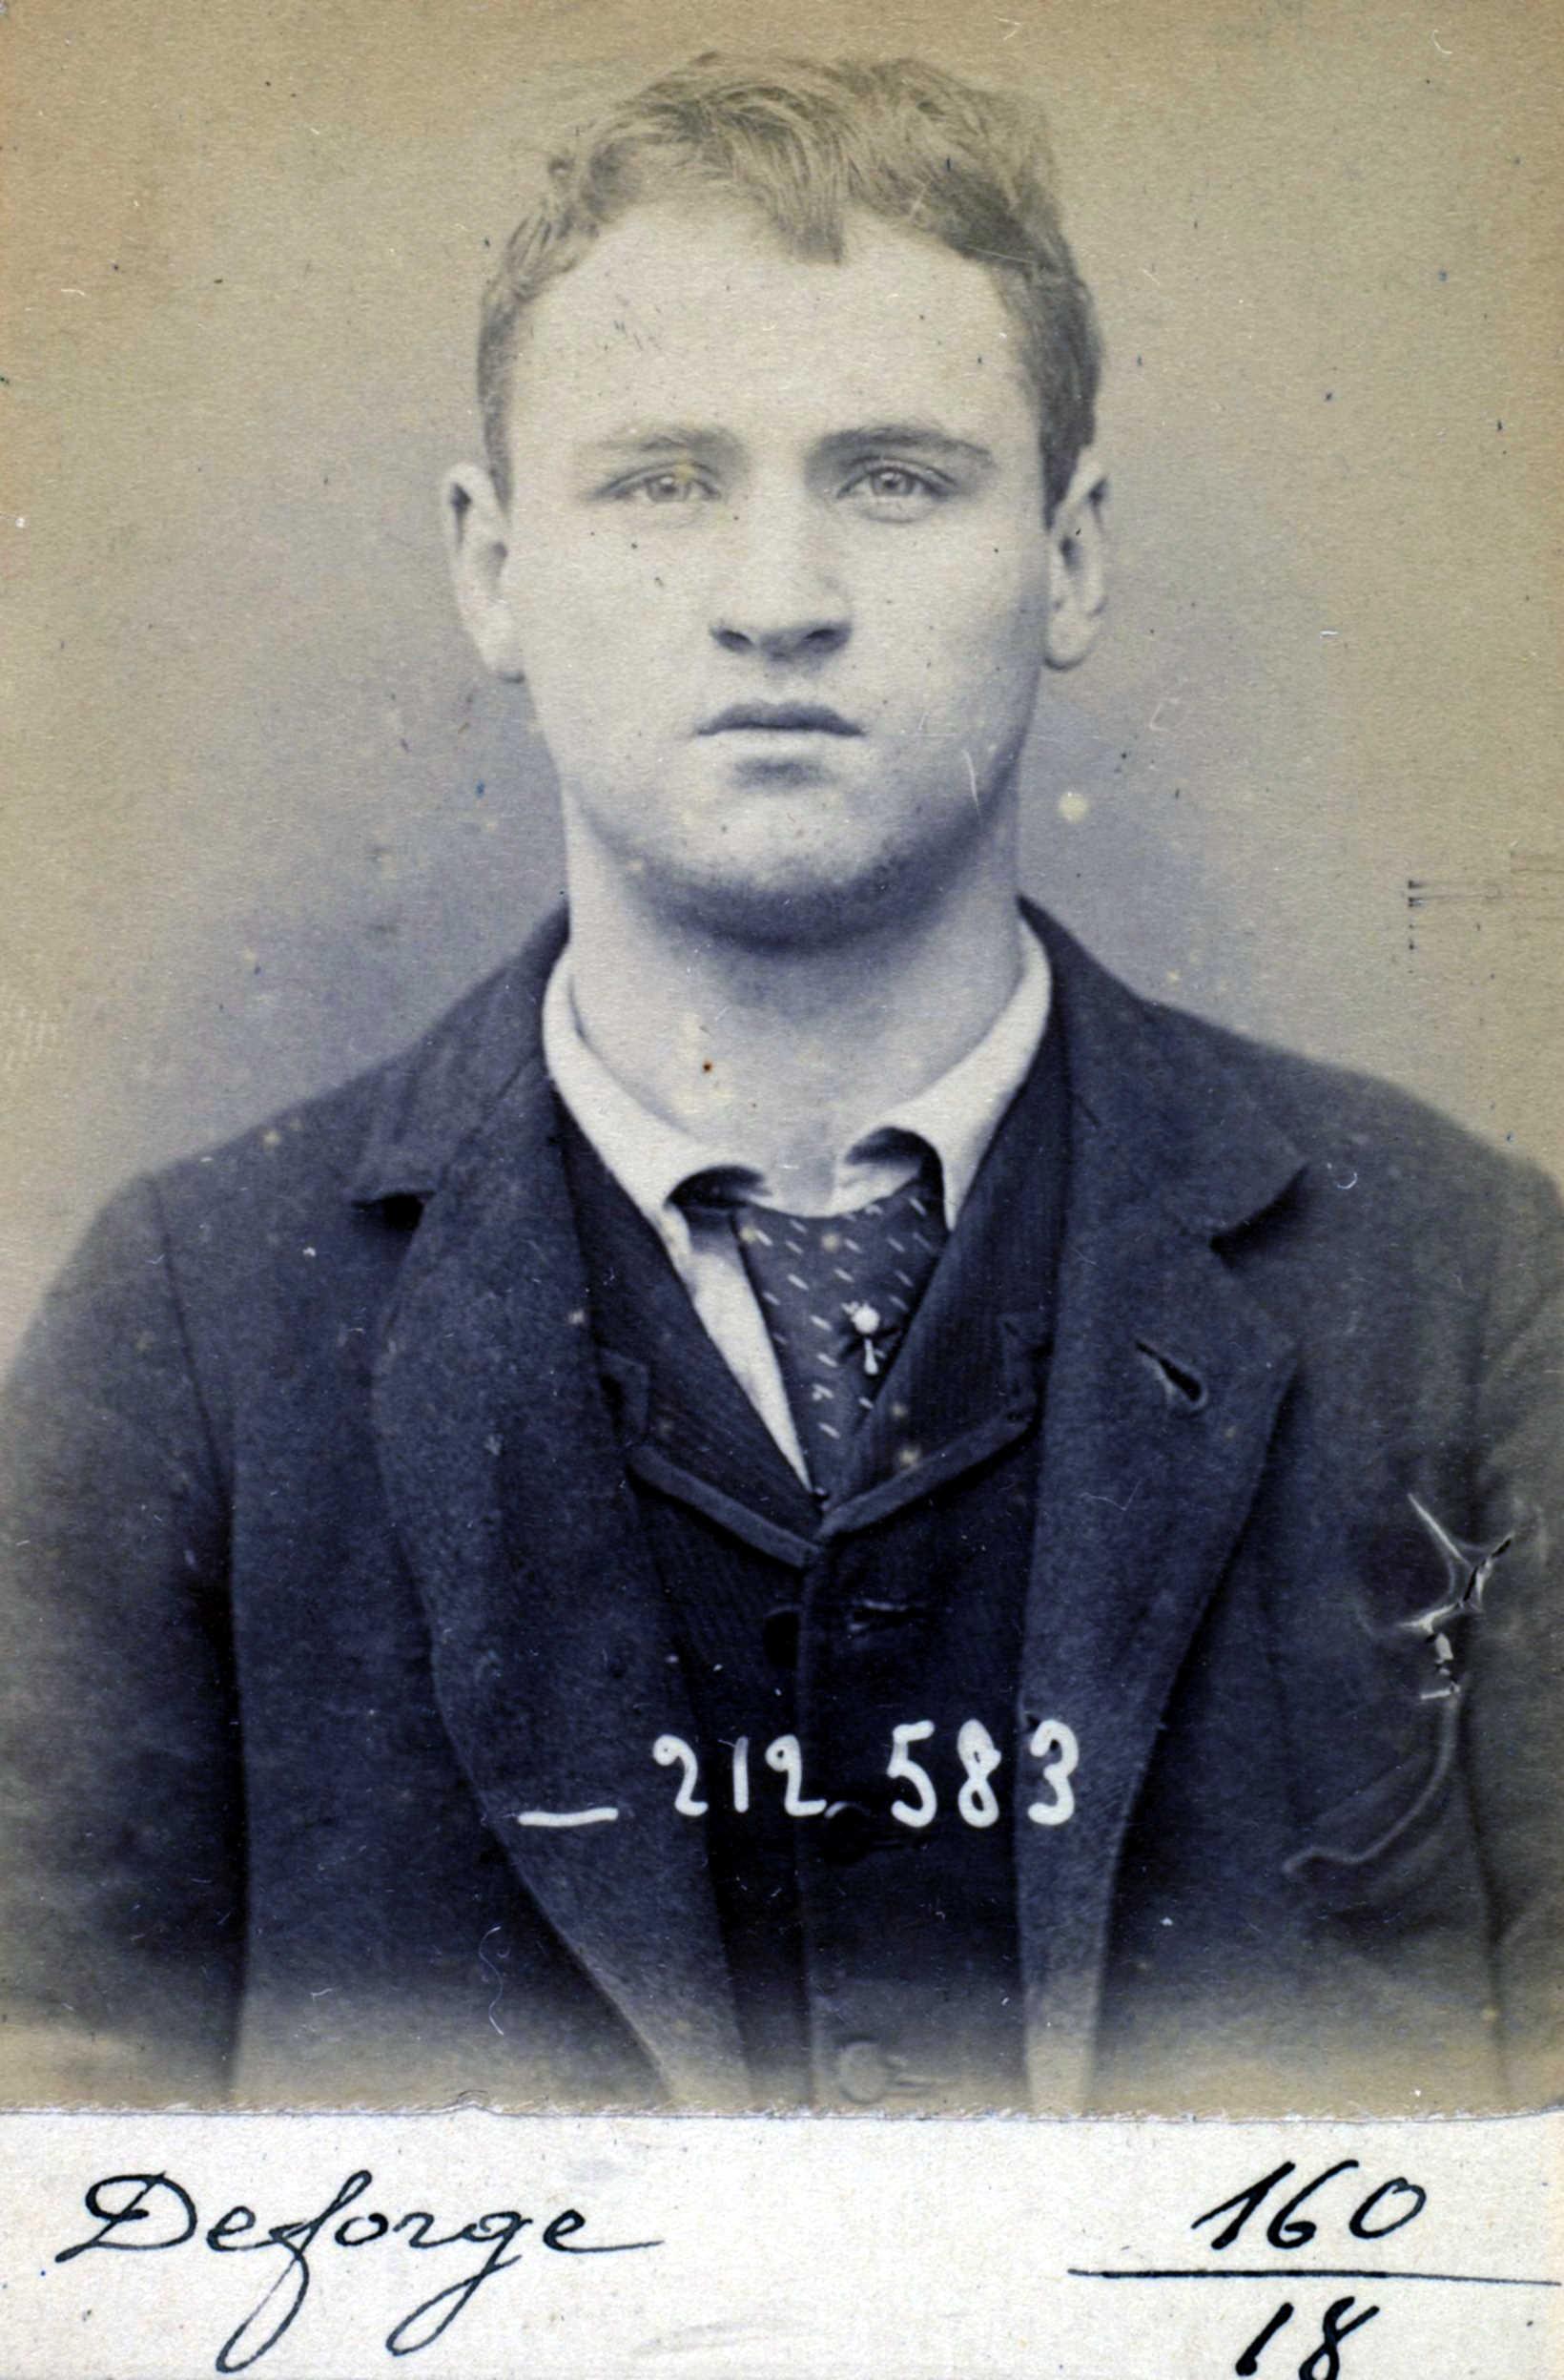 Fotografia policíaca d'Henri Deforge (6 de gener de 1894)